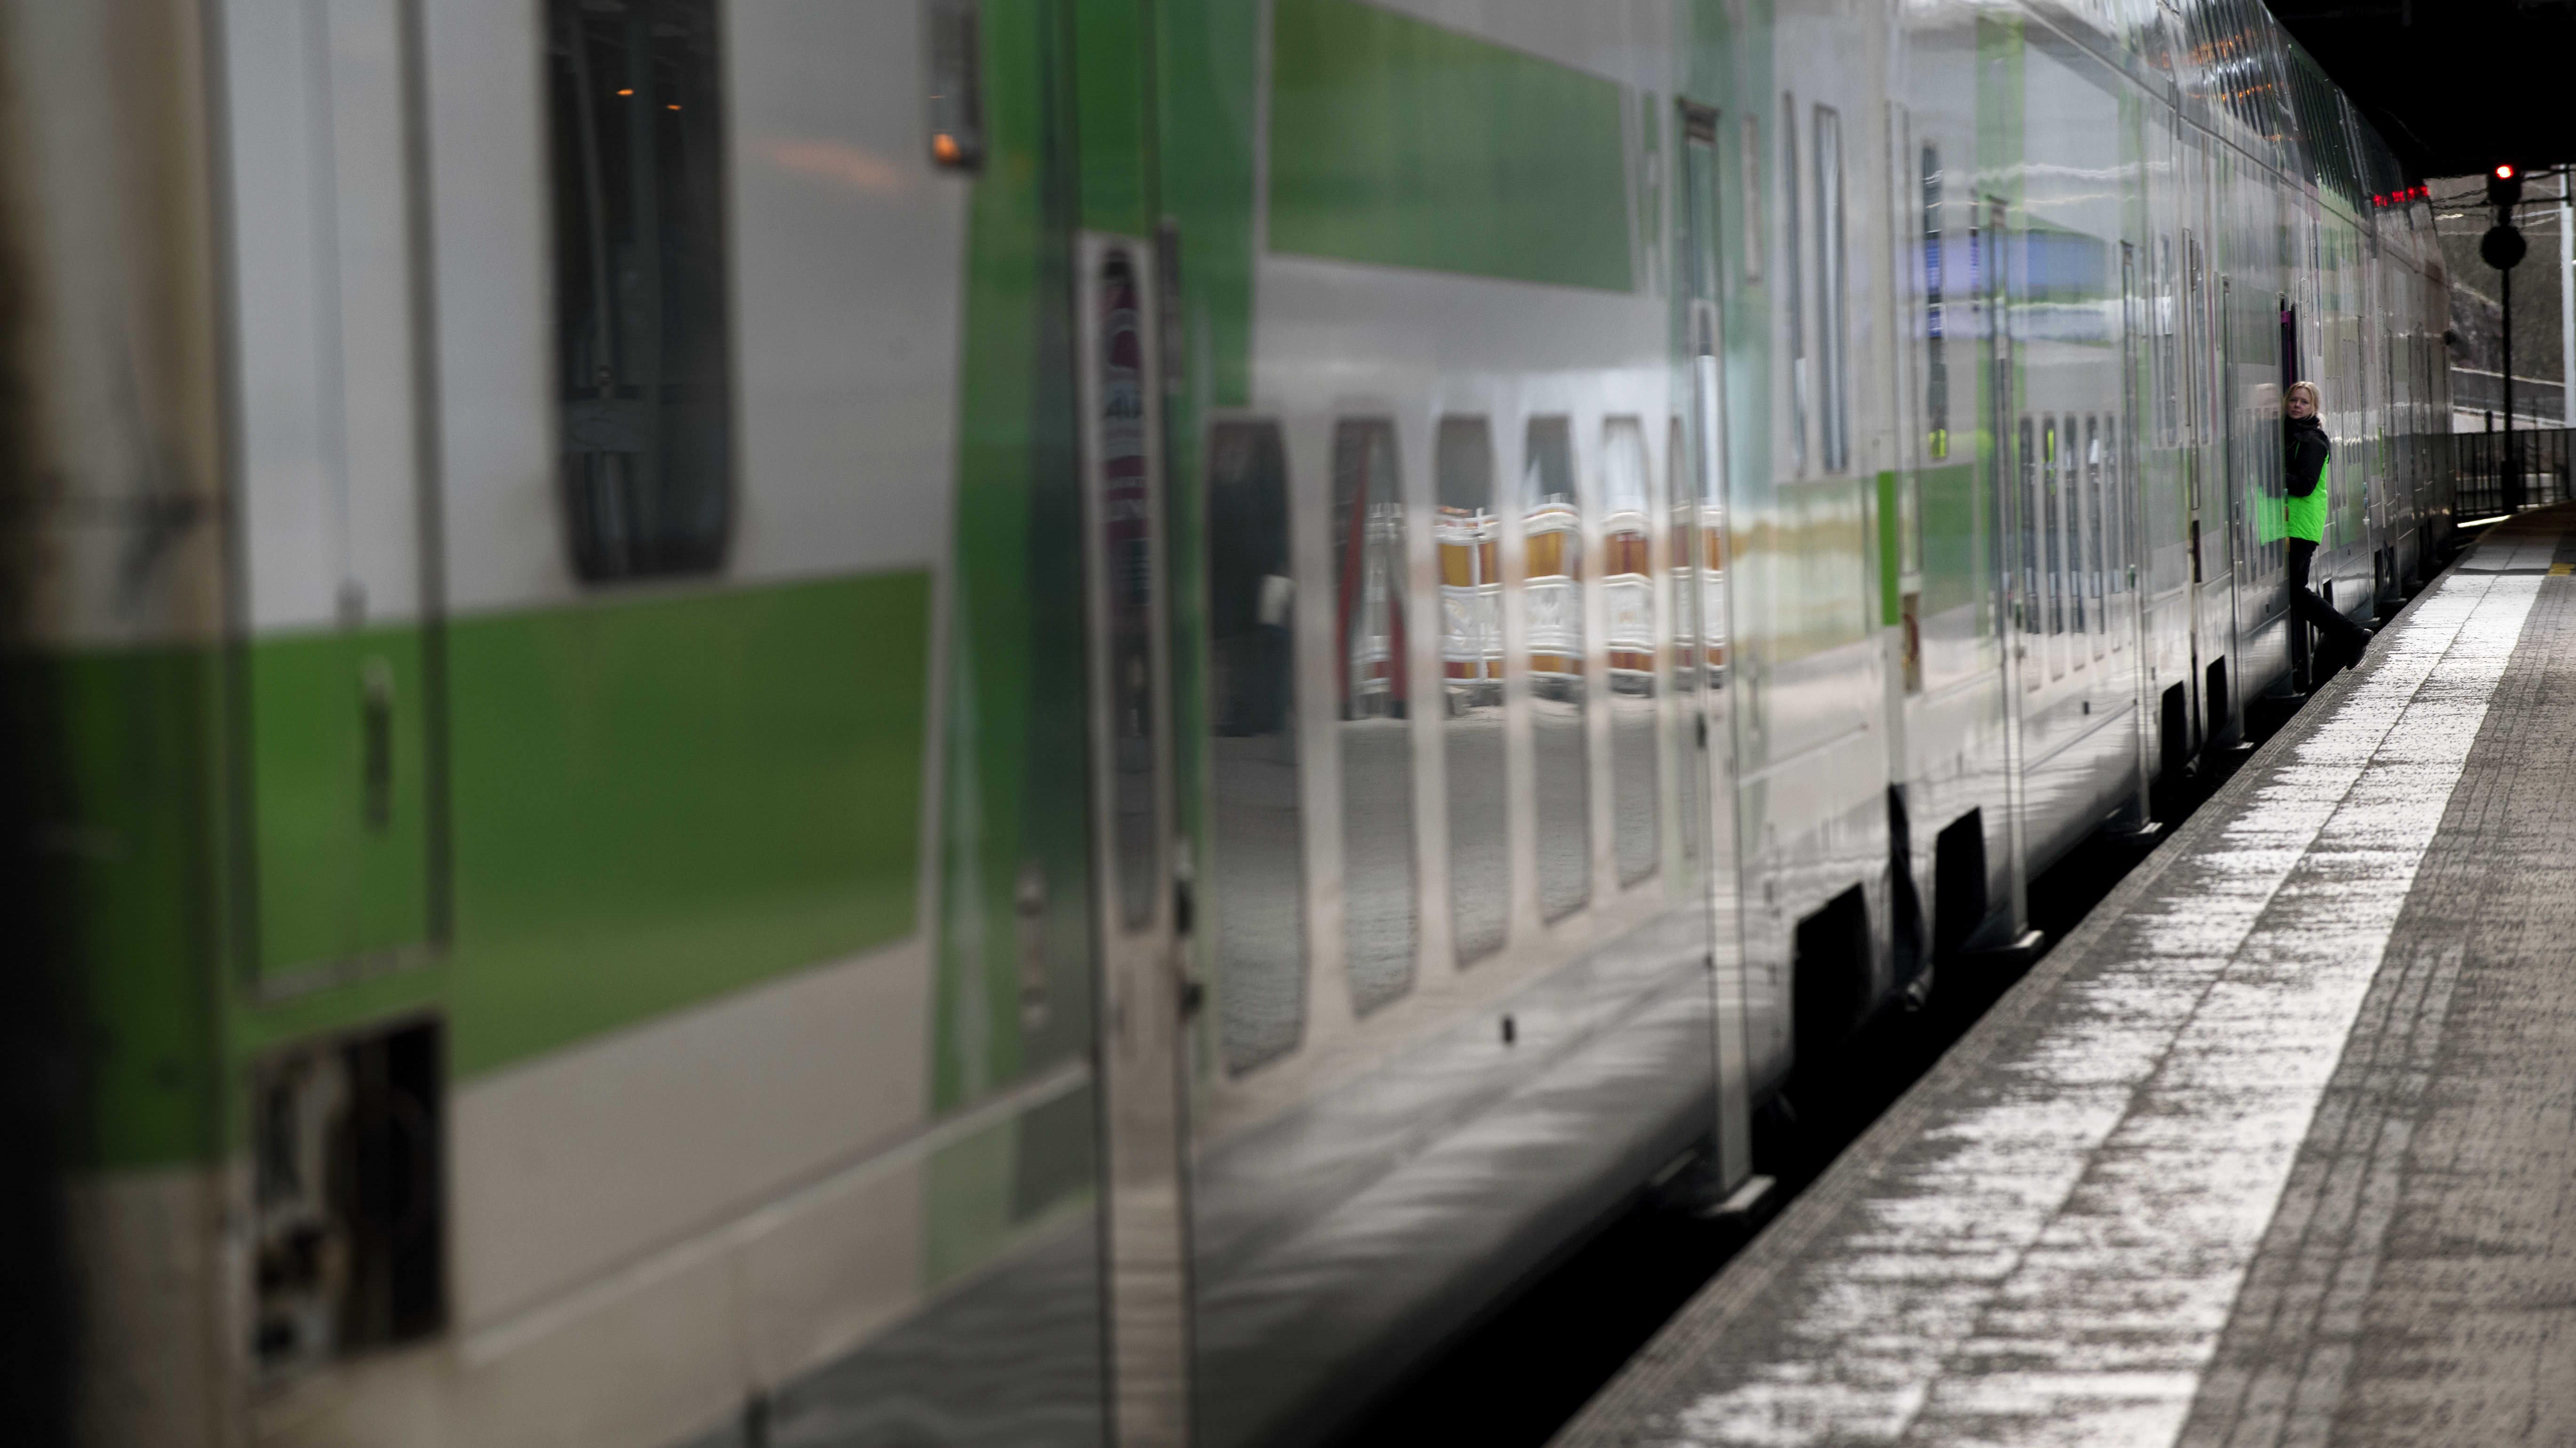 VR:n toimitusjohtaja Lauri Sipponen ehdottaa, että junilla voitaisiin korvata osa kotimaan sisäistä lyhyistä lennoista Helsinki-Vantaalle.